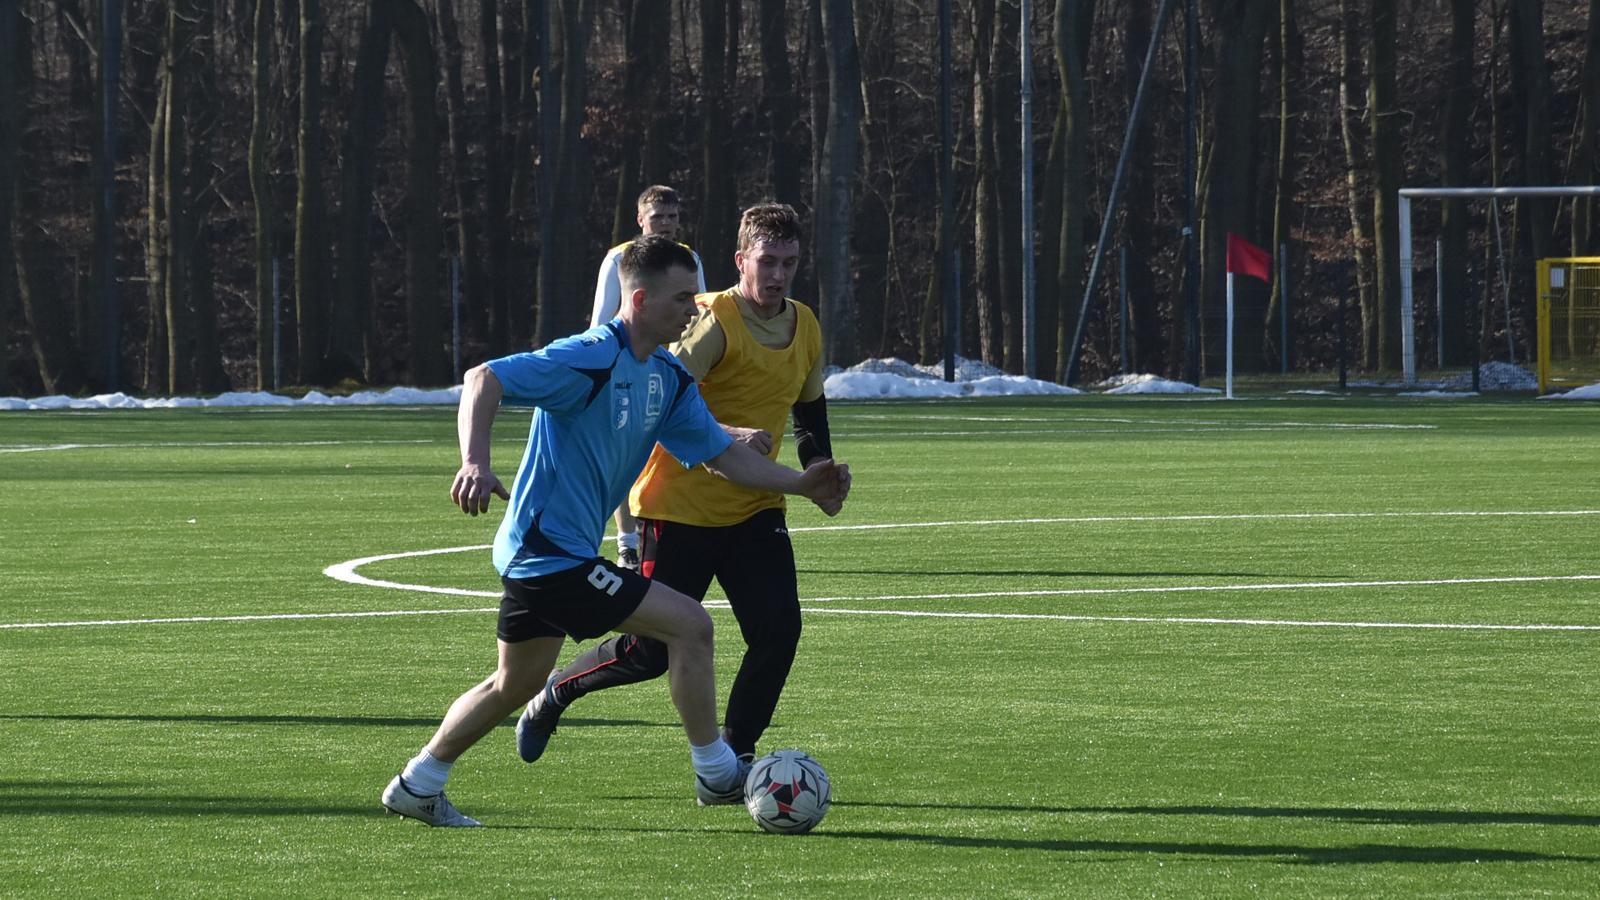 Osiem goli w meczu Piasta Poniec z Sokołem Chwałkowo - Zdjęcie główne